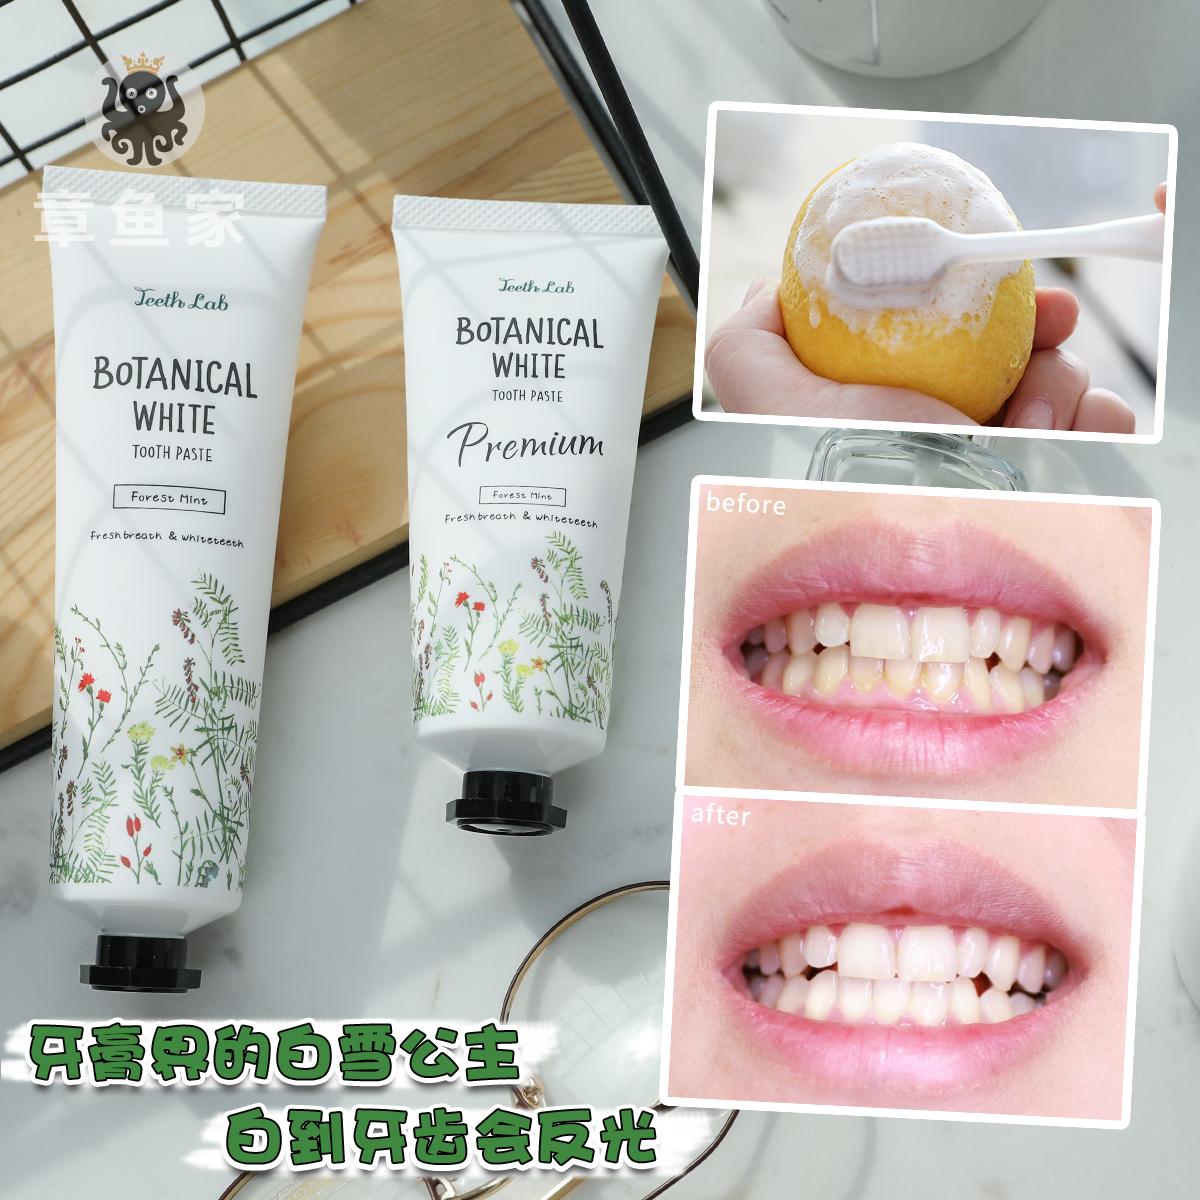 Осьминог домой # красота один смех больше привлекательность # япония Teethlab завод хорошо чистый зубная паста рот полость медсестра